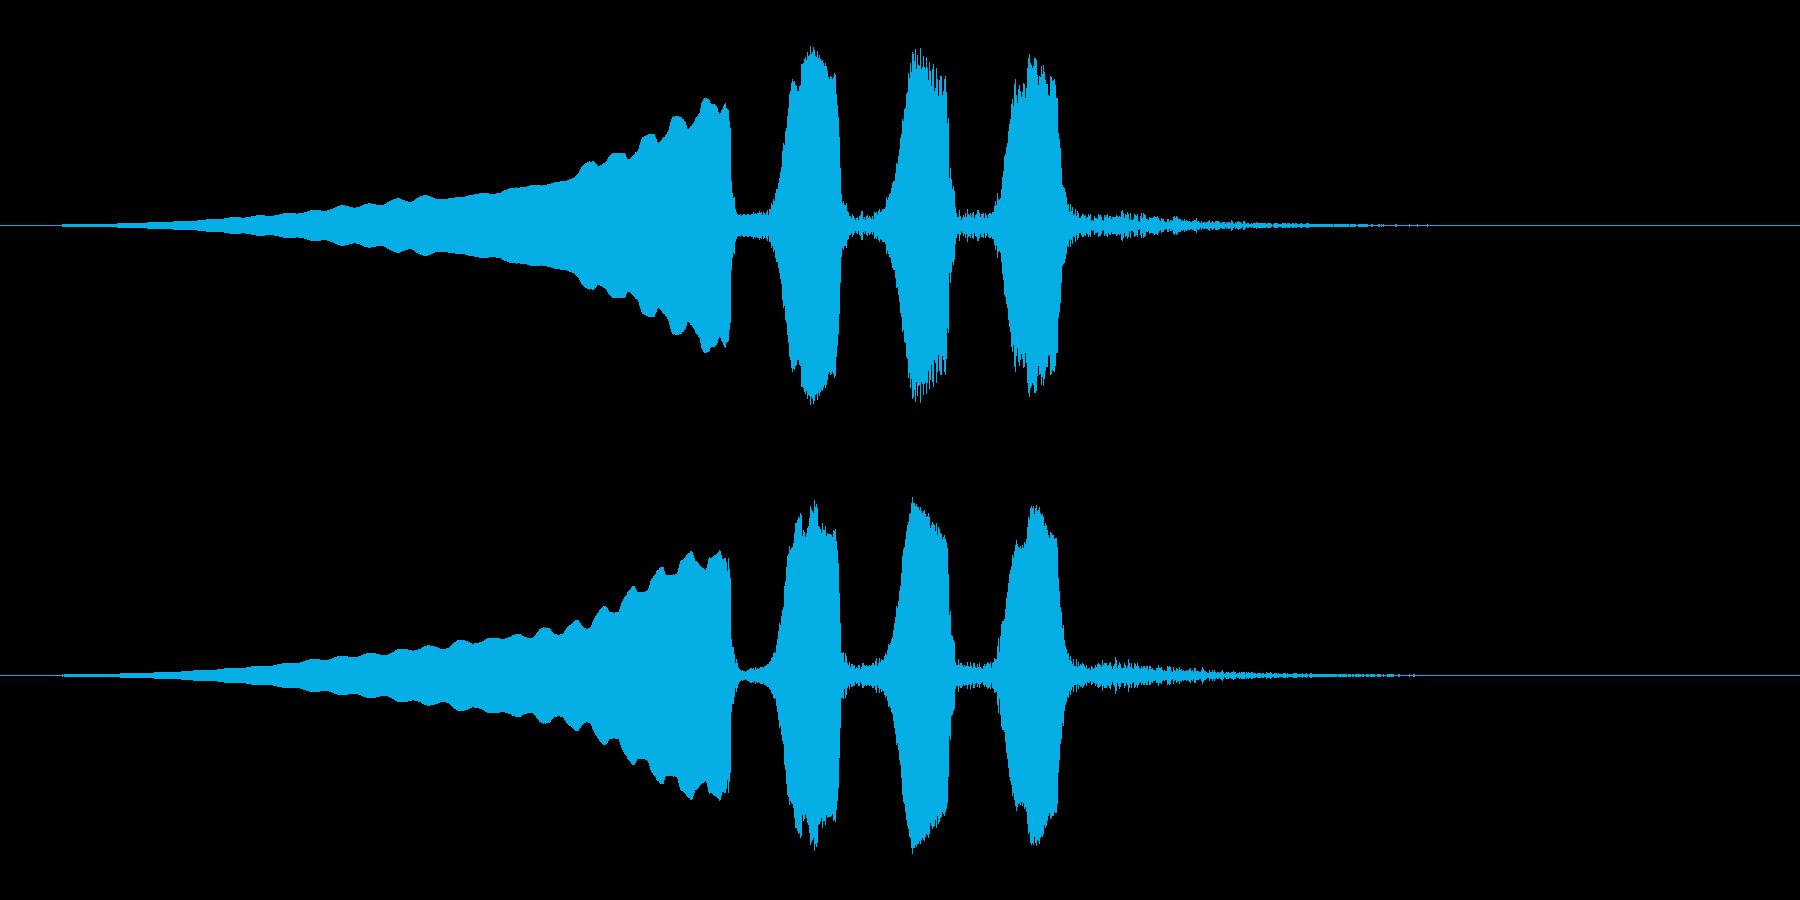 うぐいすの鳴き声 1C ほーほけきょの再生済みの波形